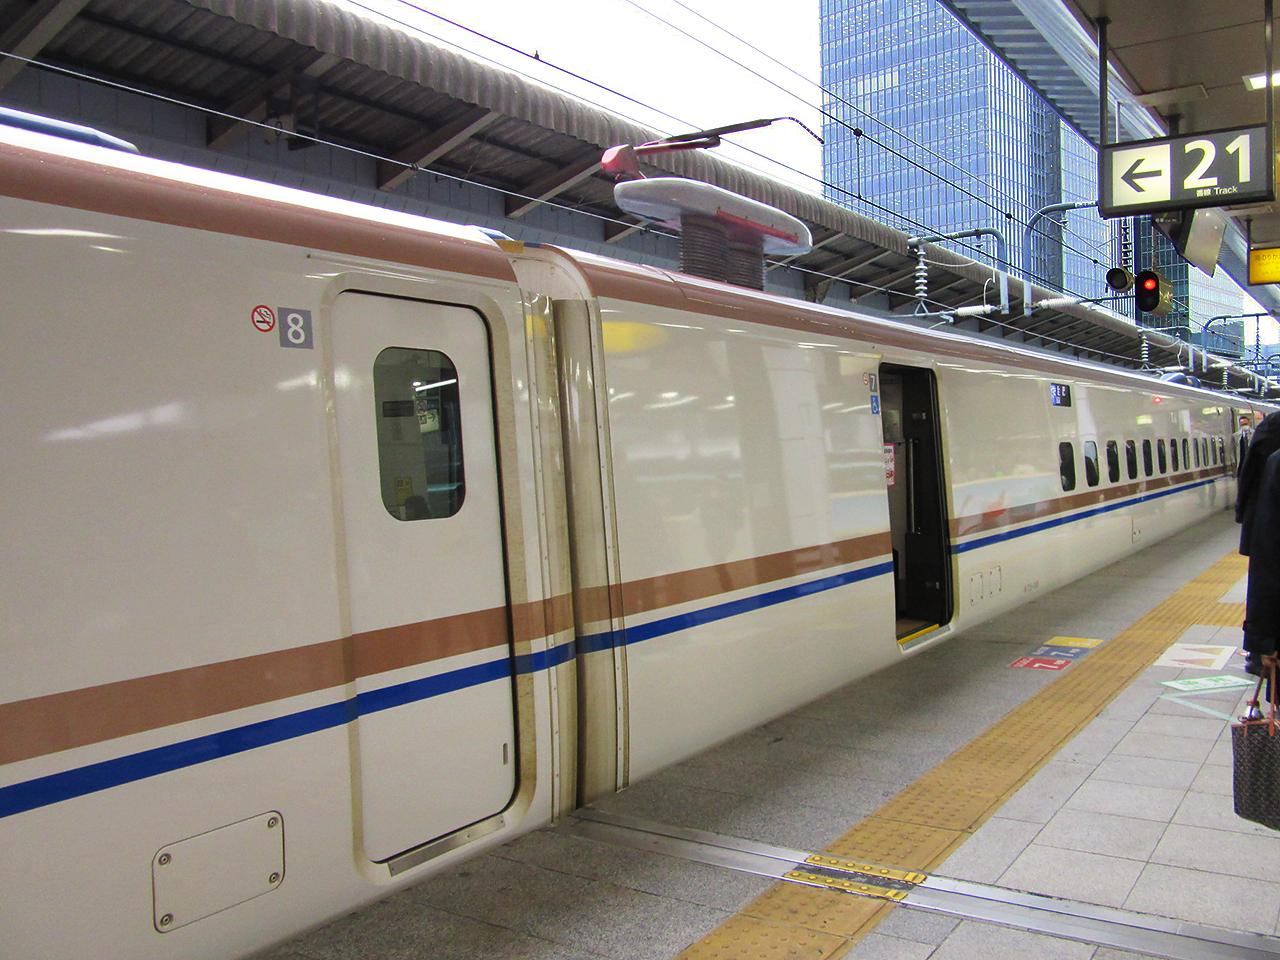 http://moritetsu.info/train/img/IMG_6281sssss.jpg